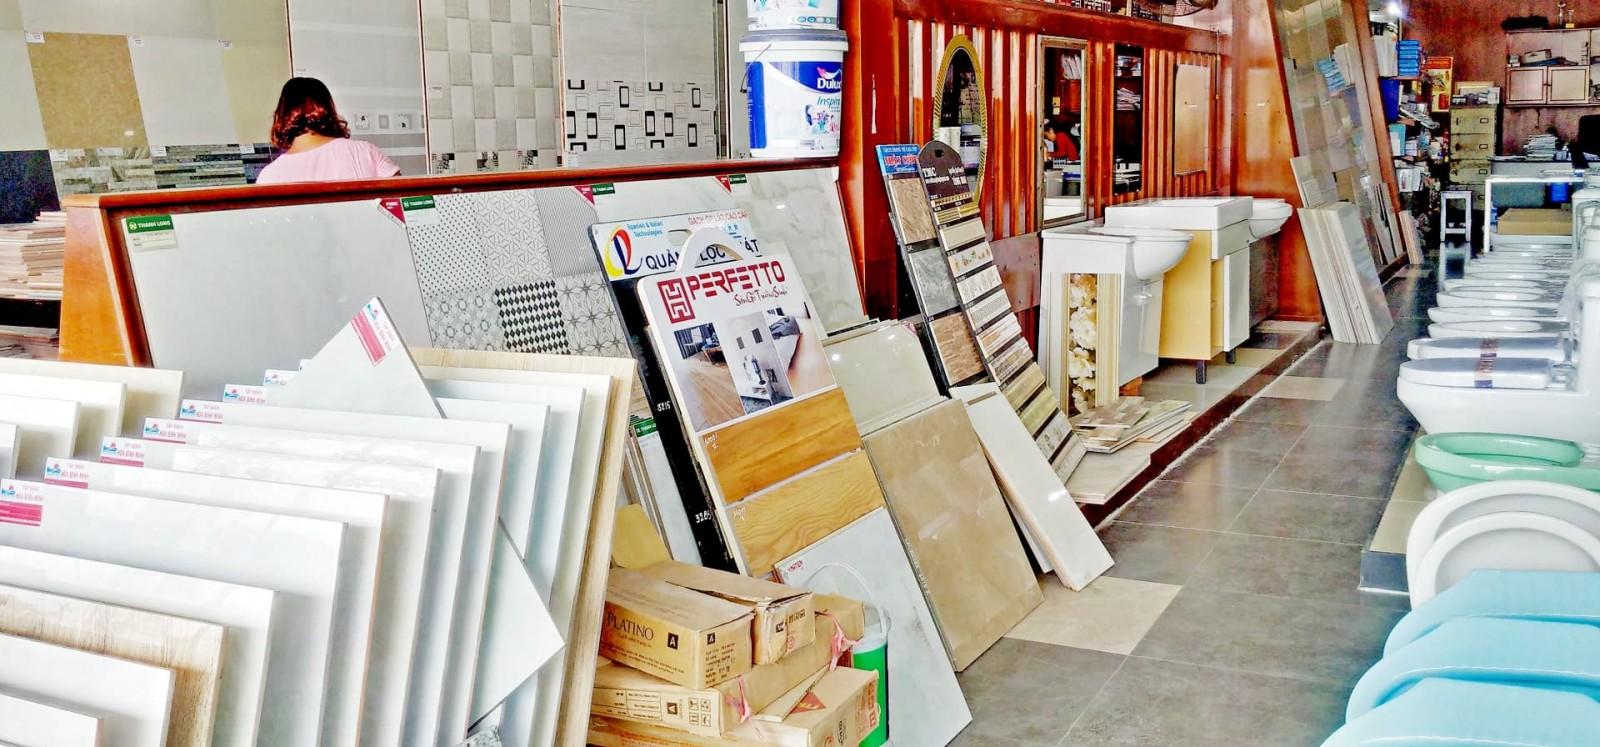 4 kinh doanh vật liệu xây dựng